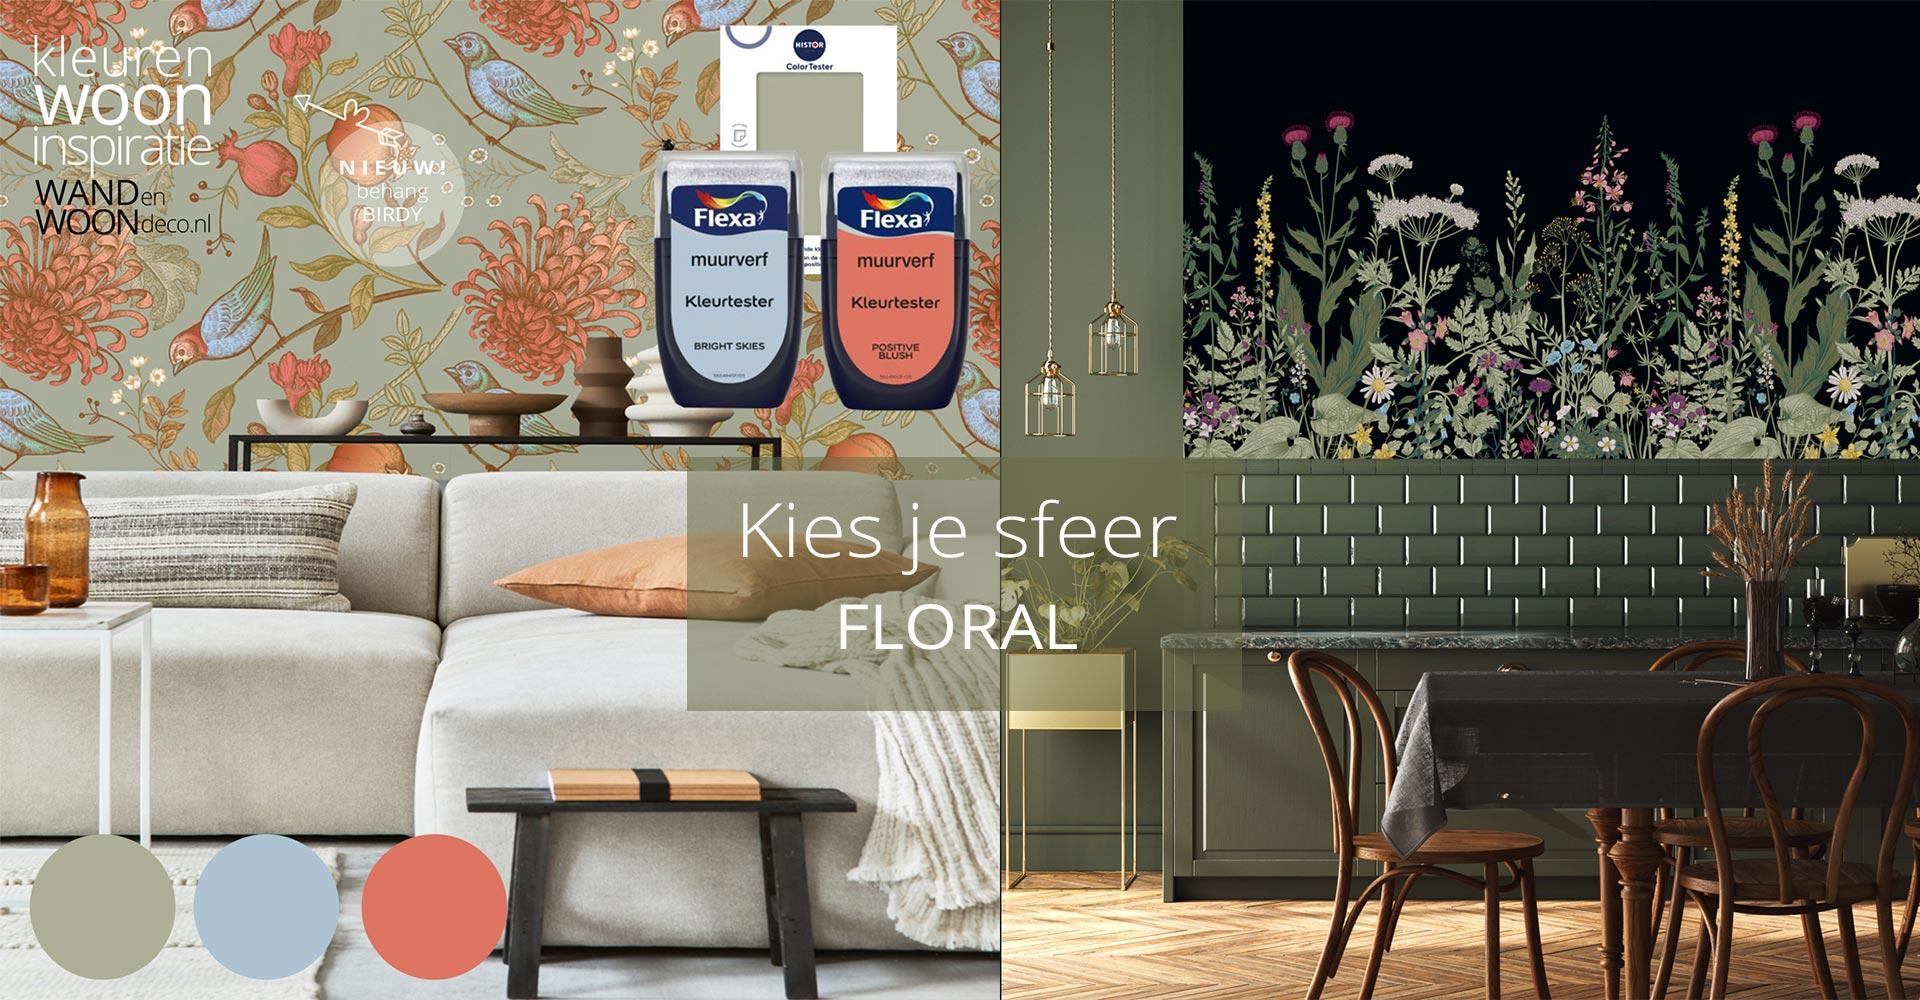 Kies-je-sfeer-floral